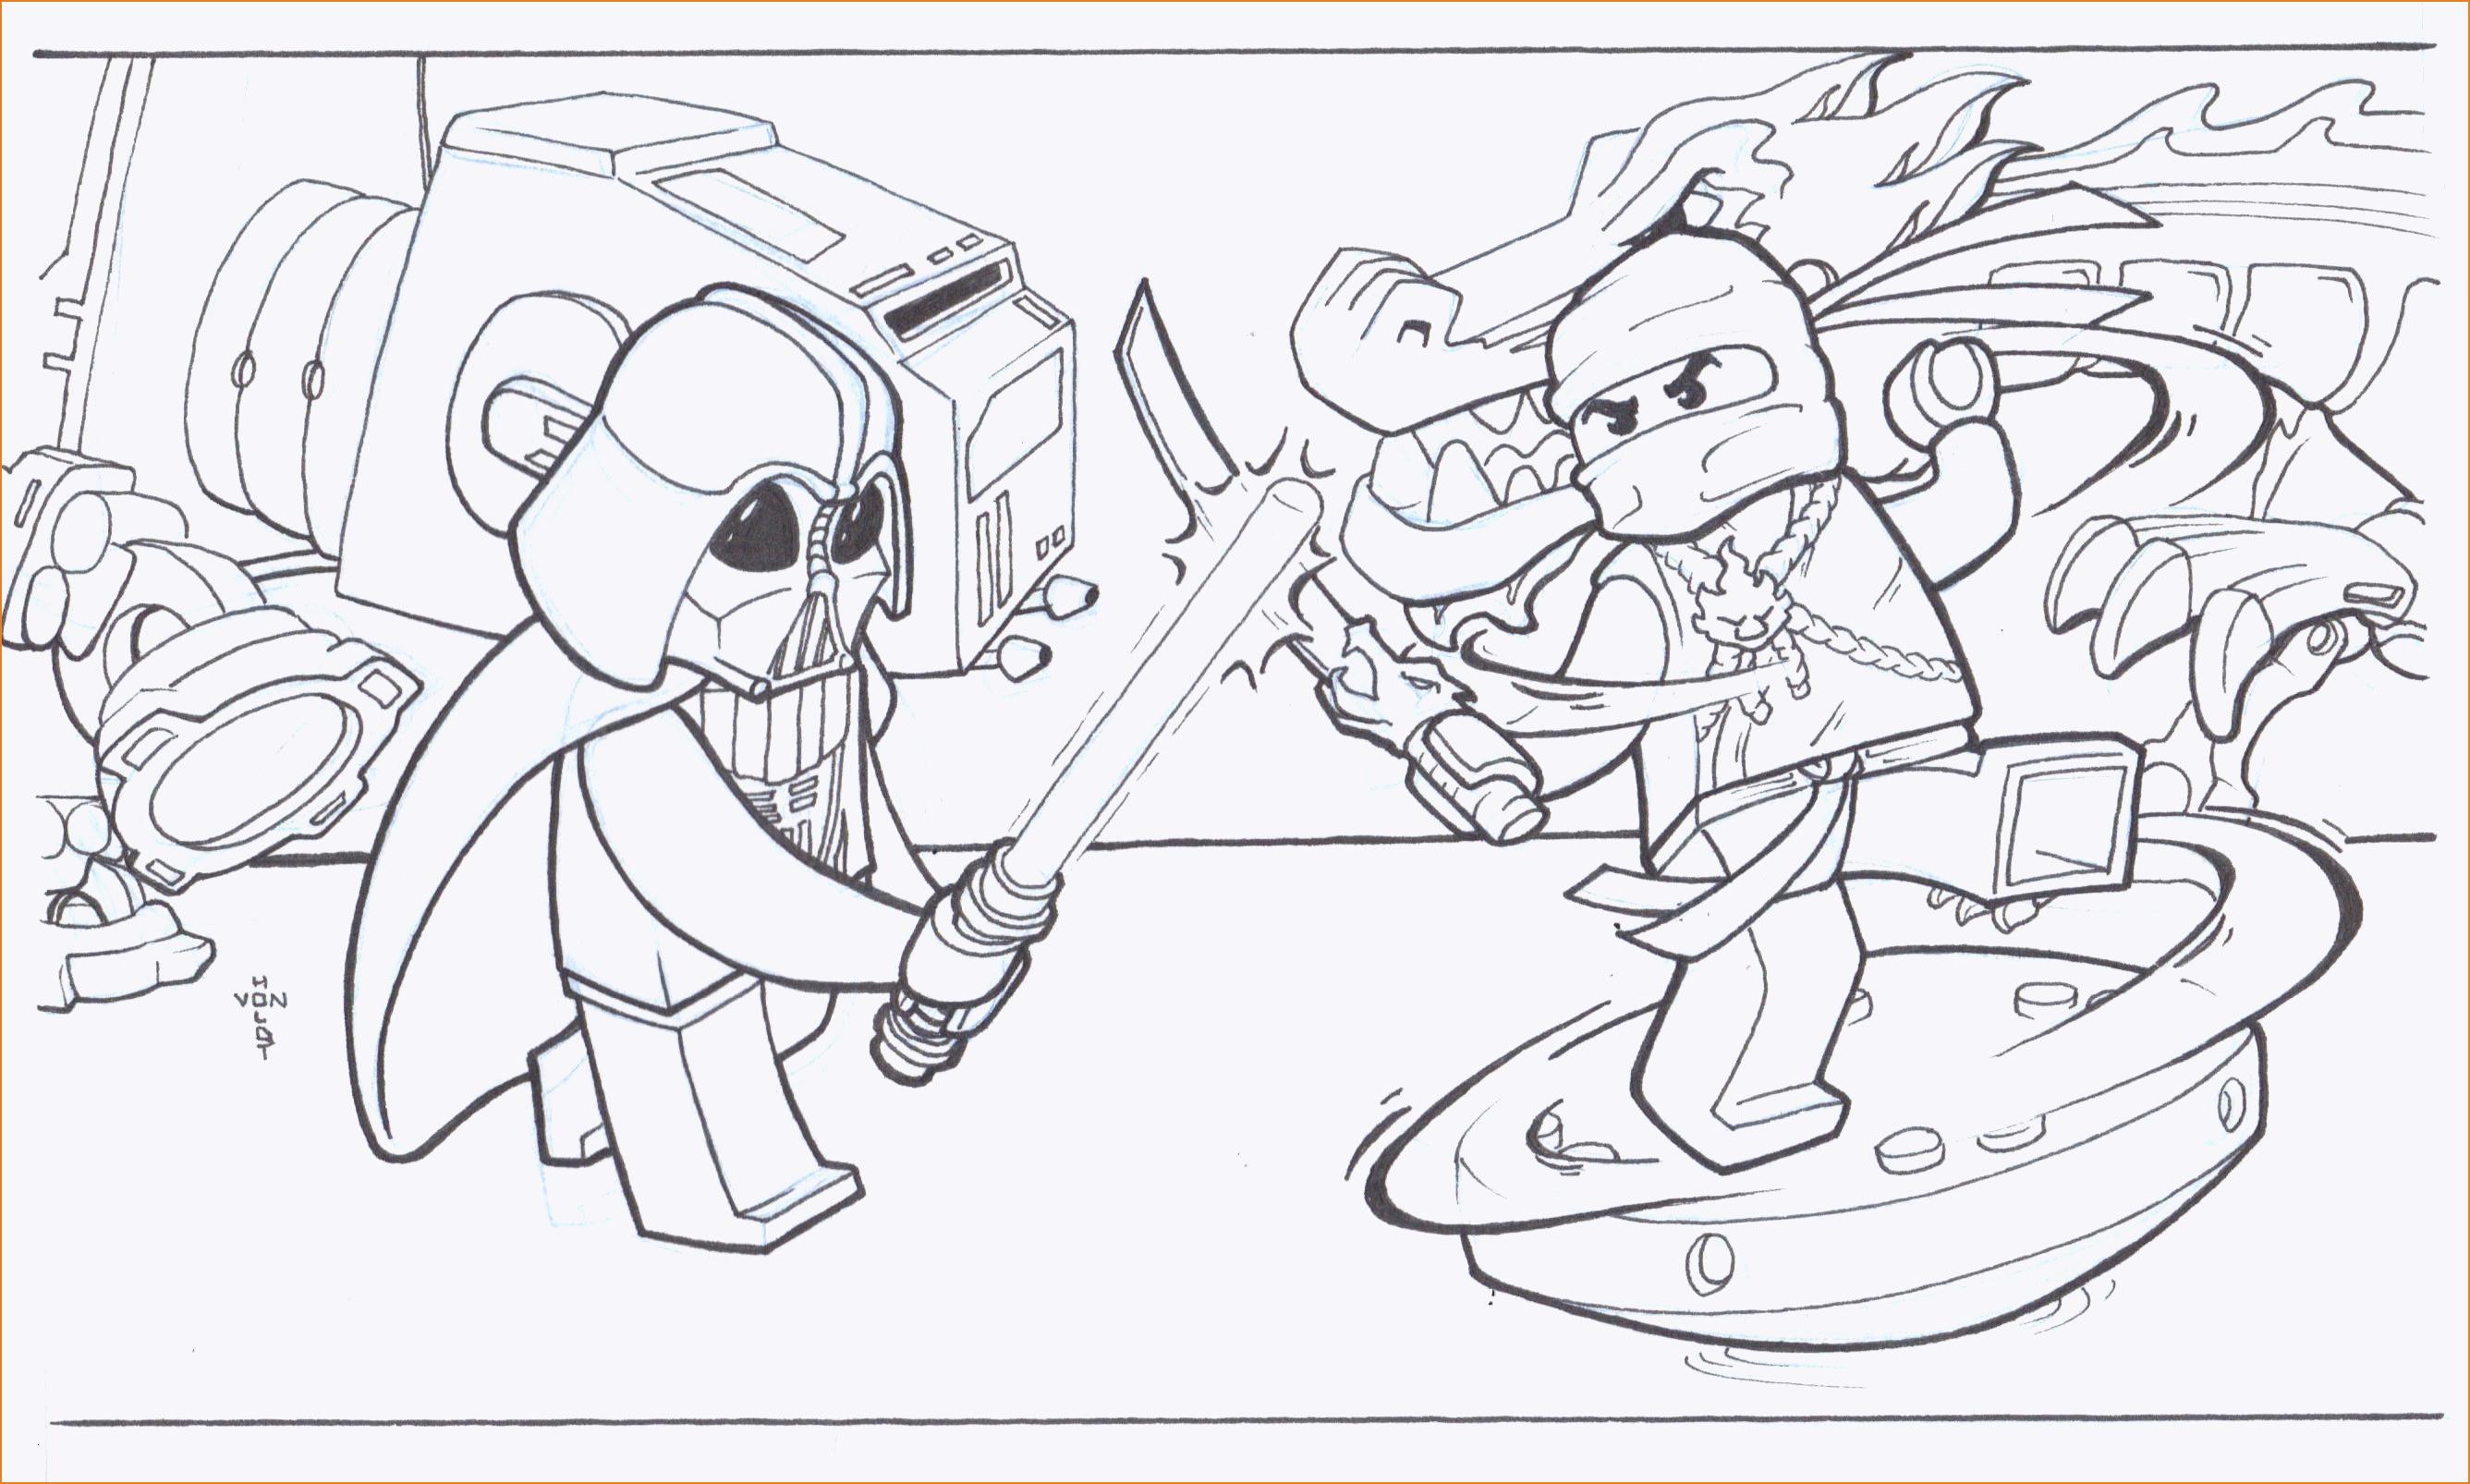 Malvorlage Sendung Mit Der Maus Einzigartig Malvorlagen Ninjago Genial Ninjago Coloring Pages Nice 44 Schön Bilder